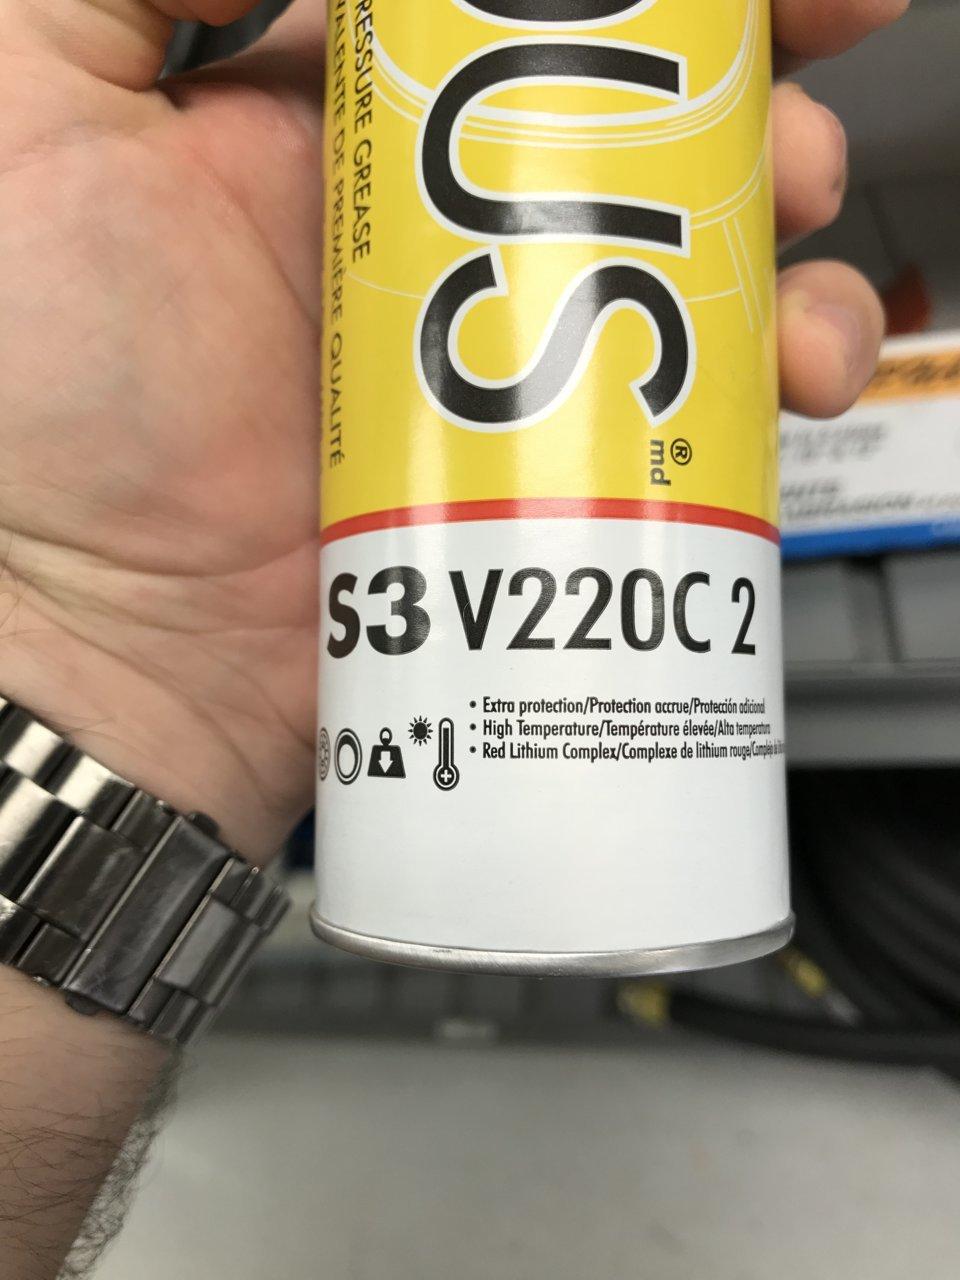 8025A440-18A9-4913-9D5C-1CE424C2588A.jpg